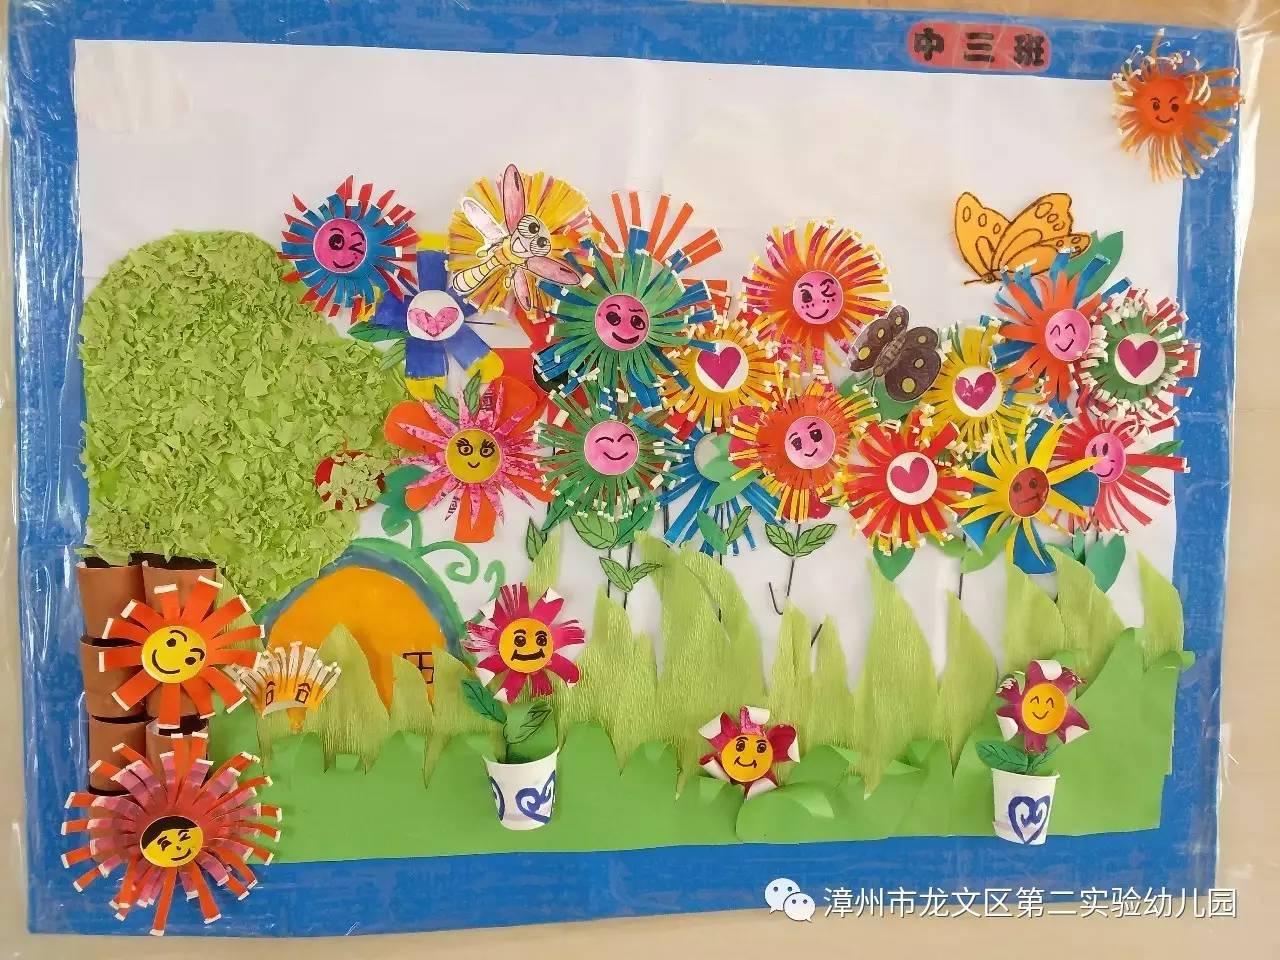 中段《创意纸杯粘贴画》   大段《创意线条画》   让我们一起欣赏孩子